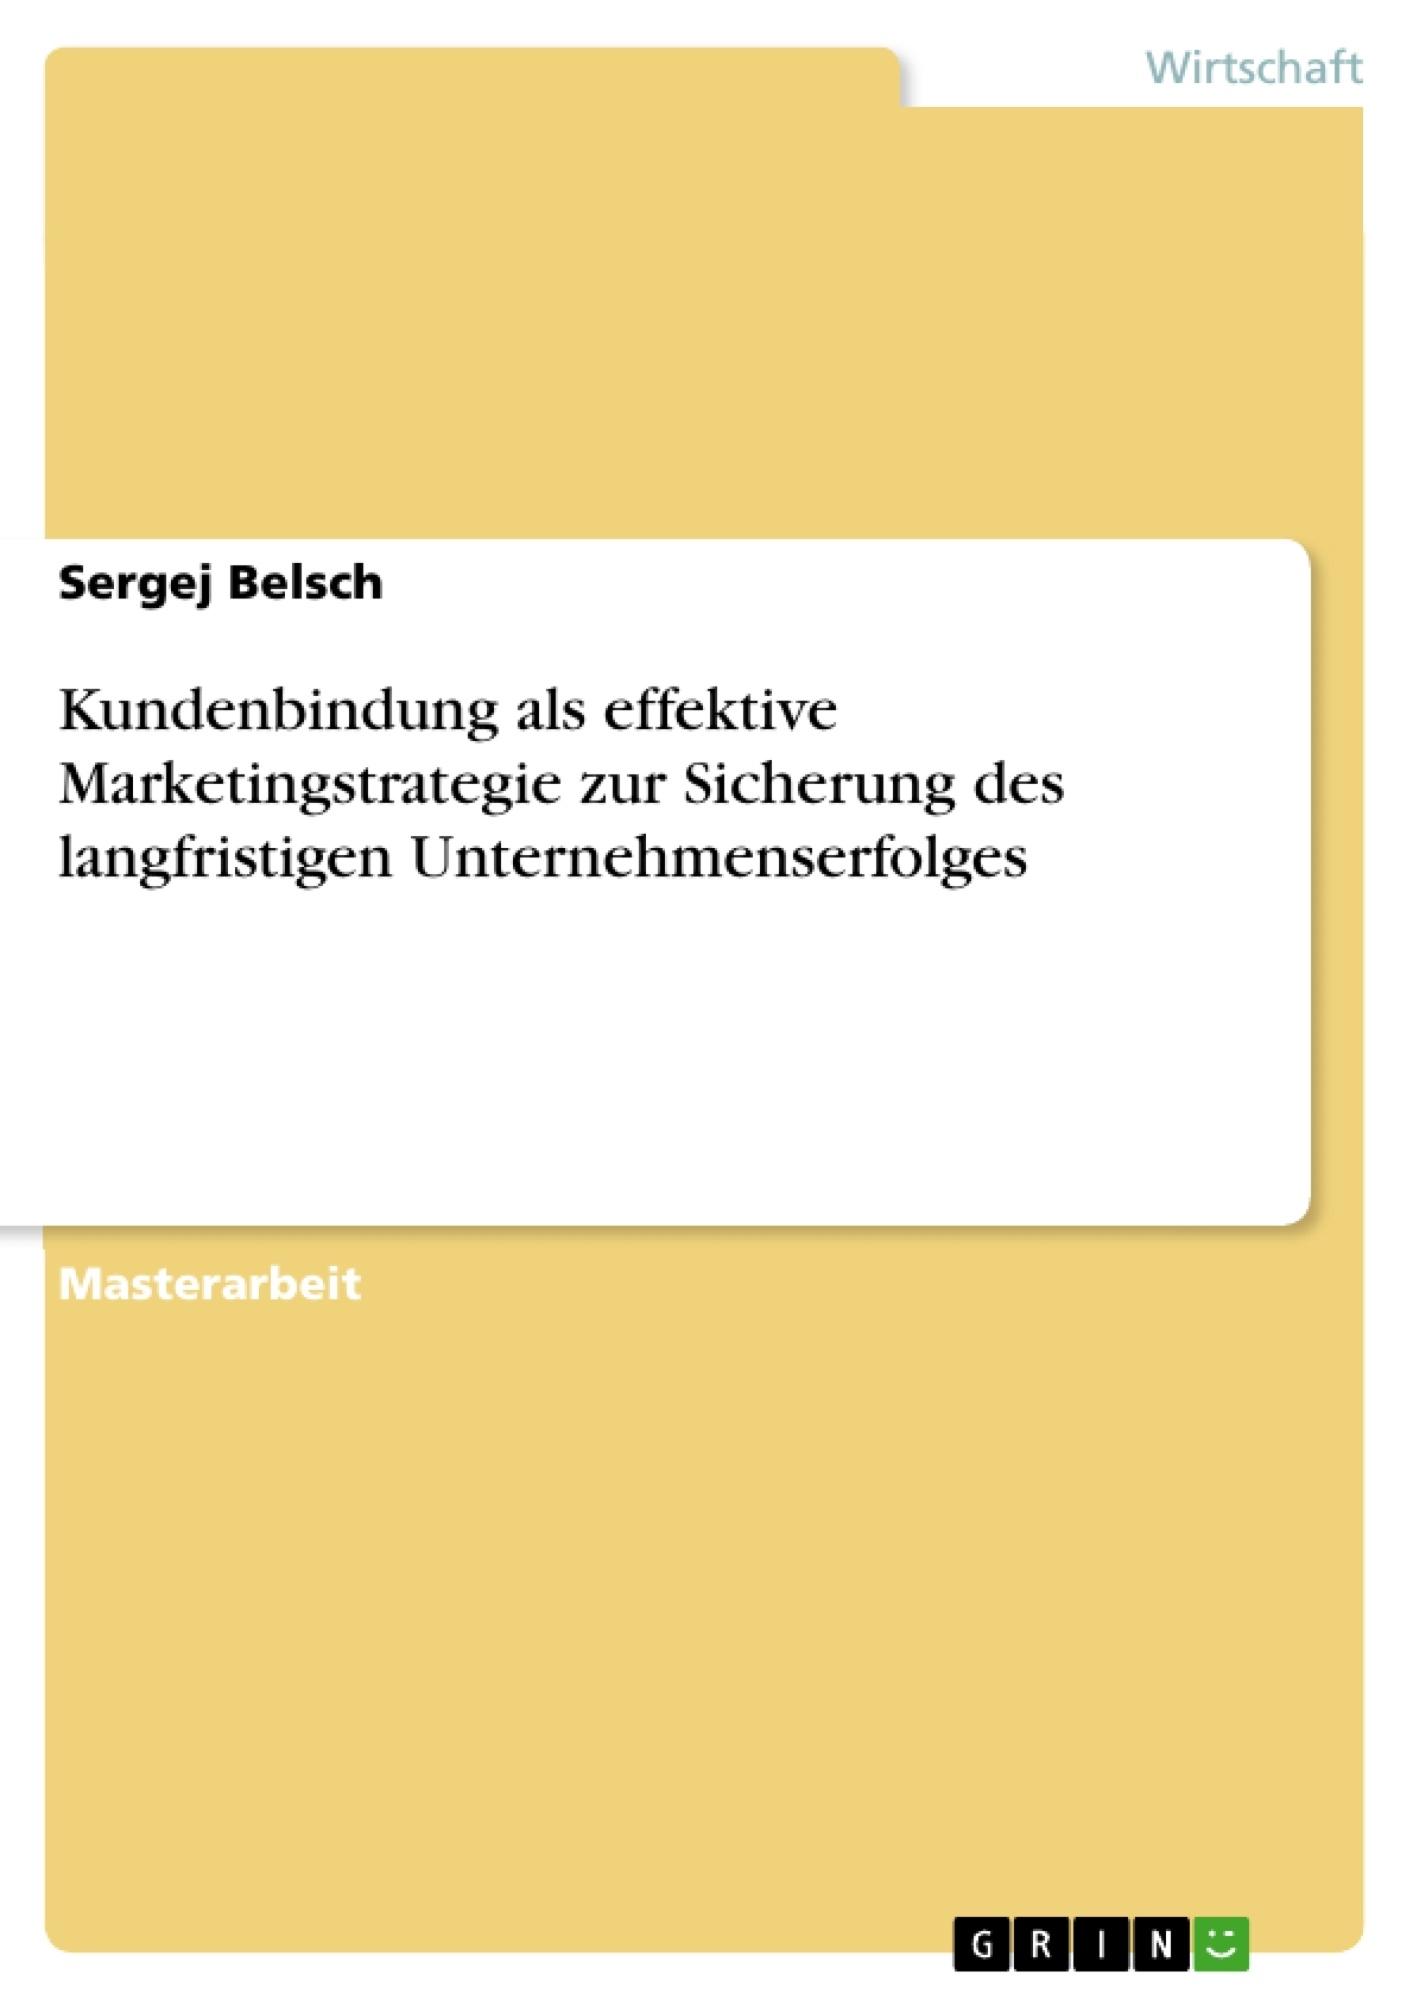 Titel: Kundenbindung als effektive Marketingstrategie zur Sicherung des langfristigen Unternehmenserfolges